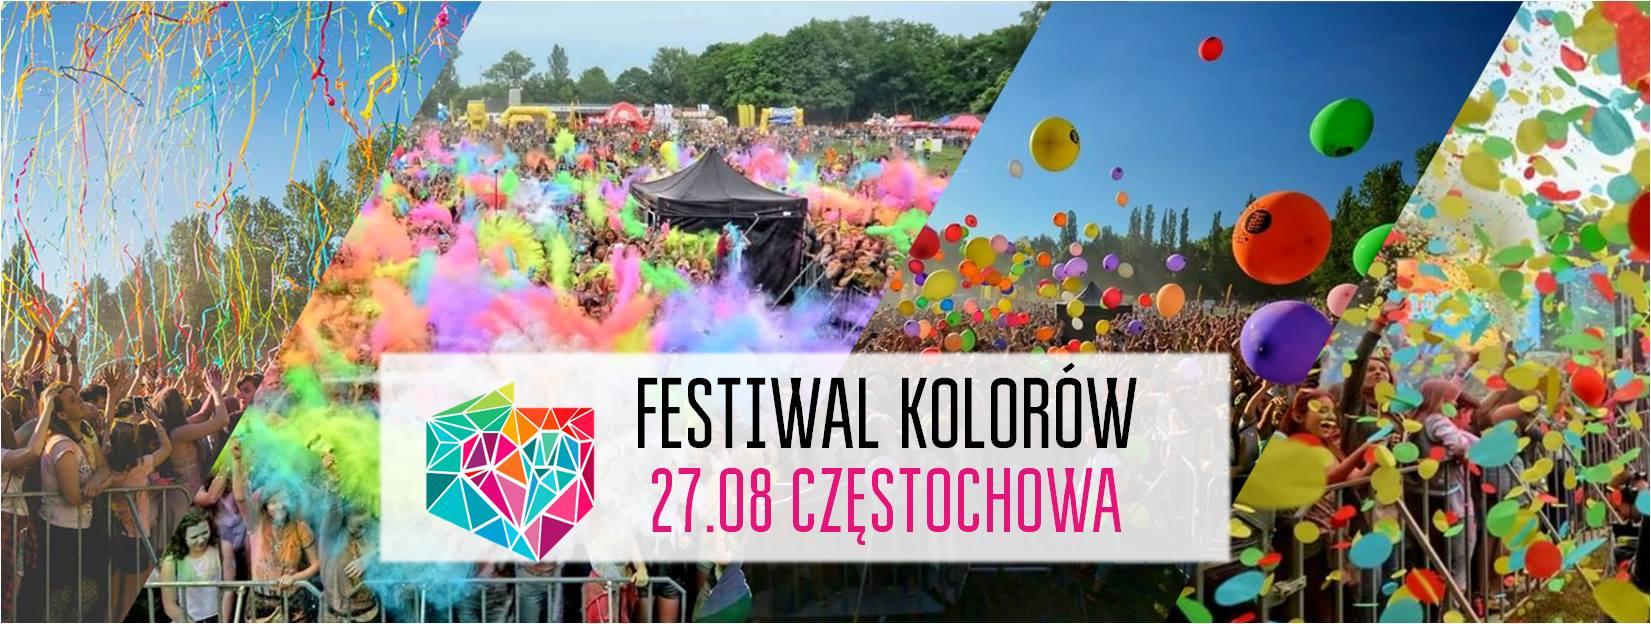 FESTIWAL KOLORÓW W CZĘSTOCHOWIE - 27.08.2017